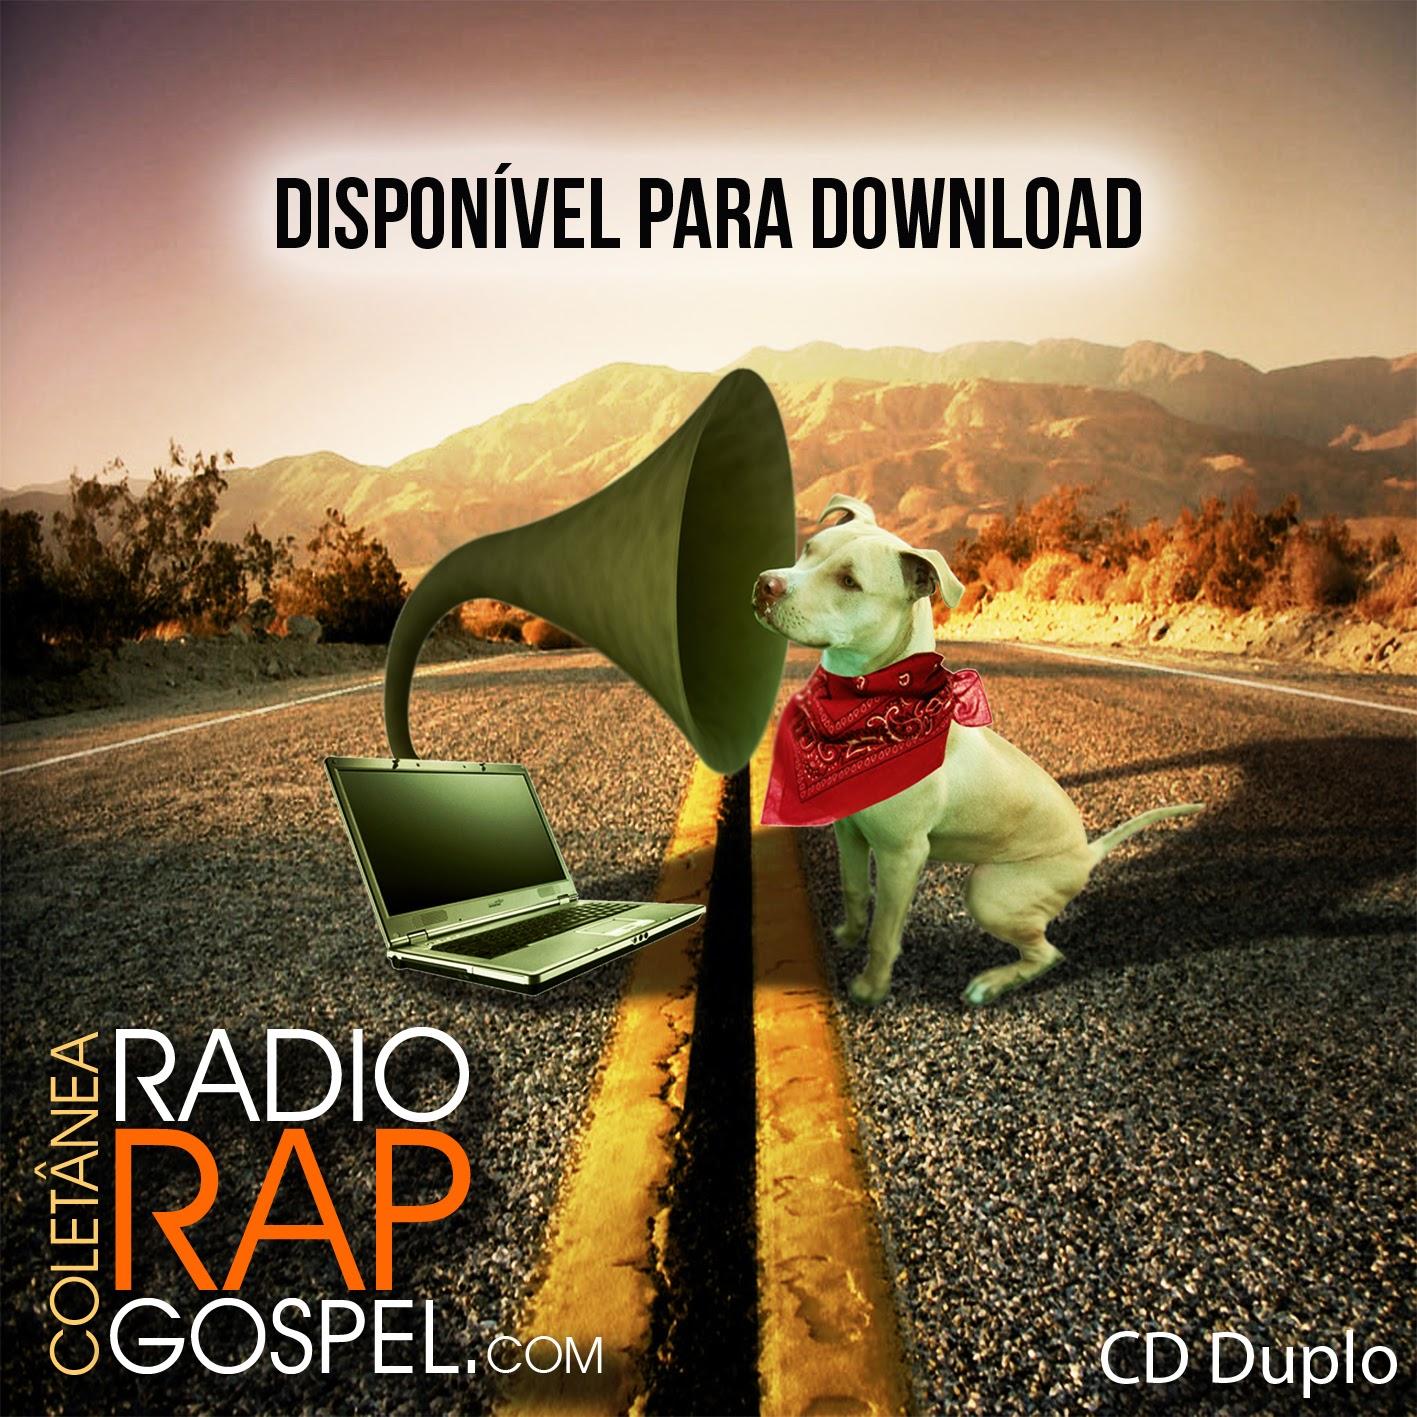 Baixa agora  CD da coletânea Radio Rap Gospel.com